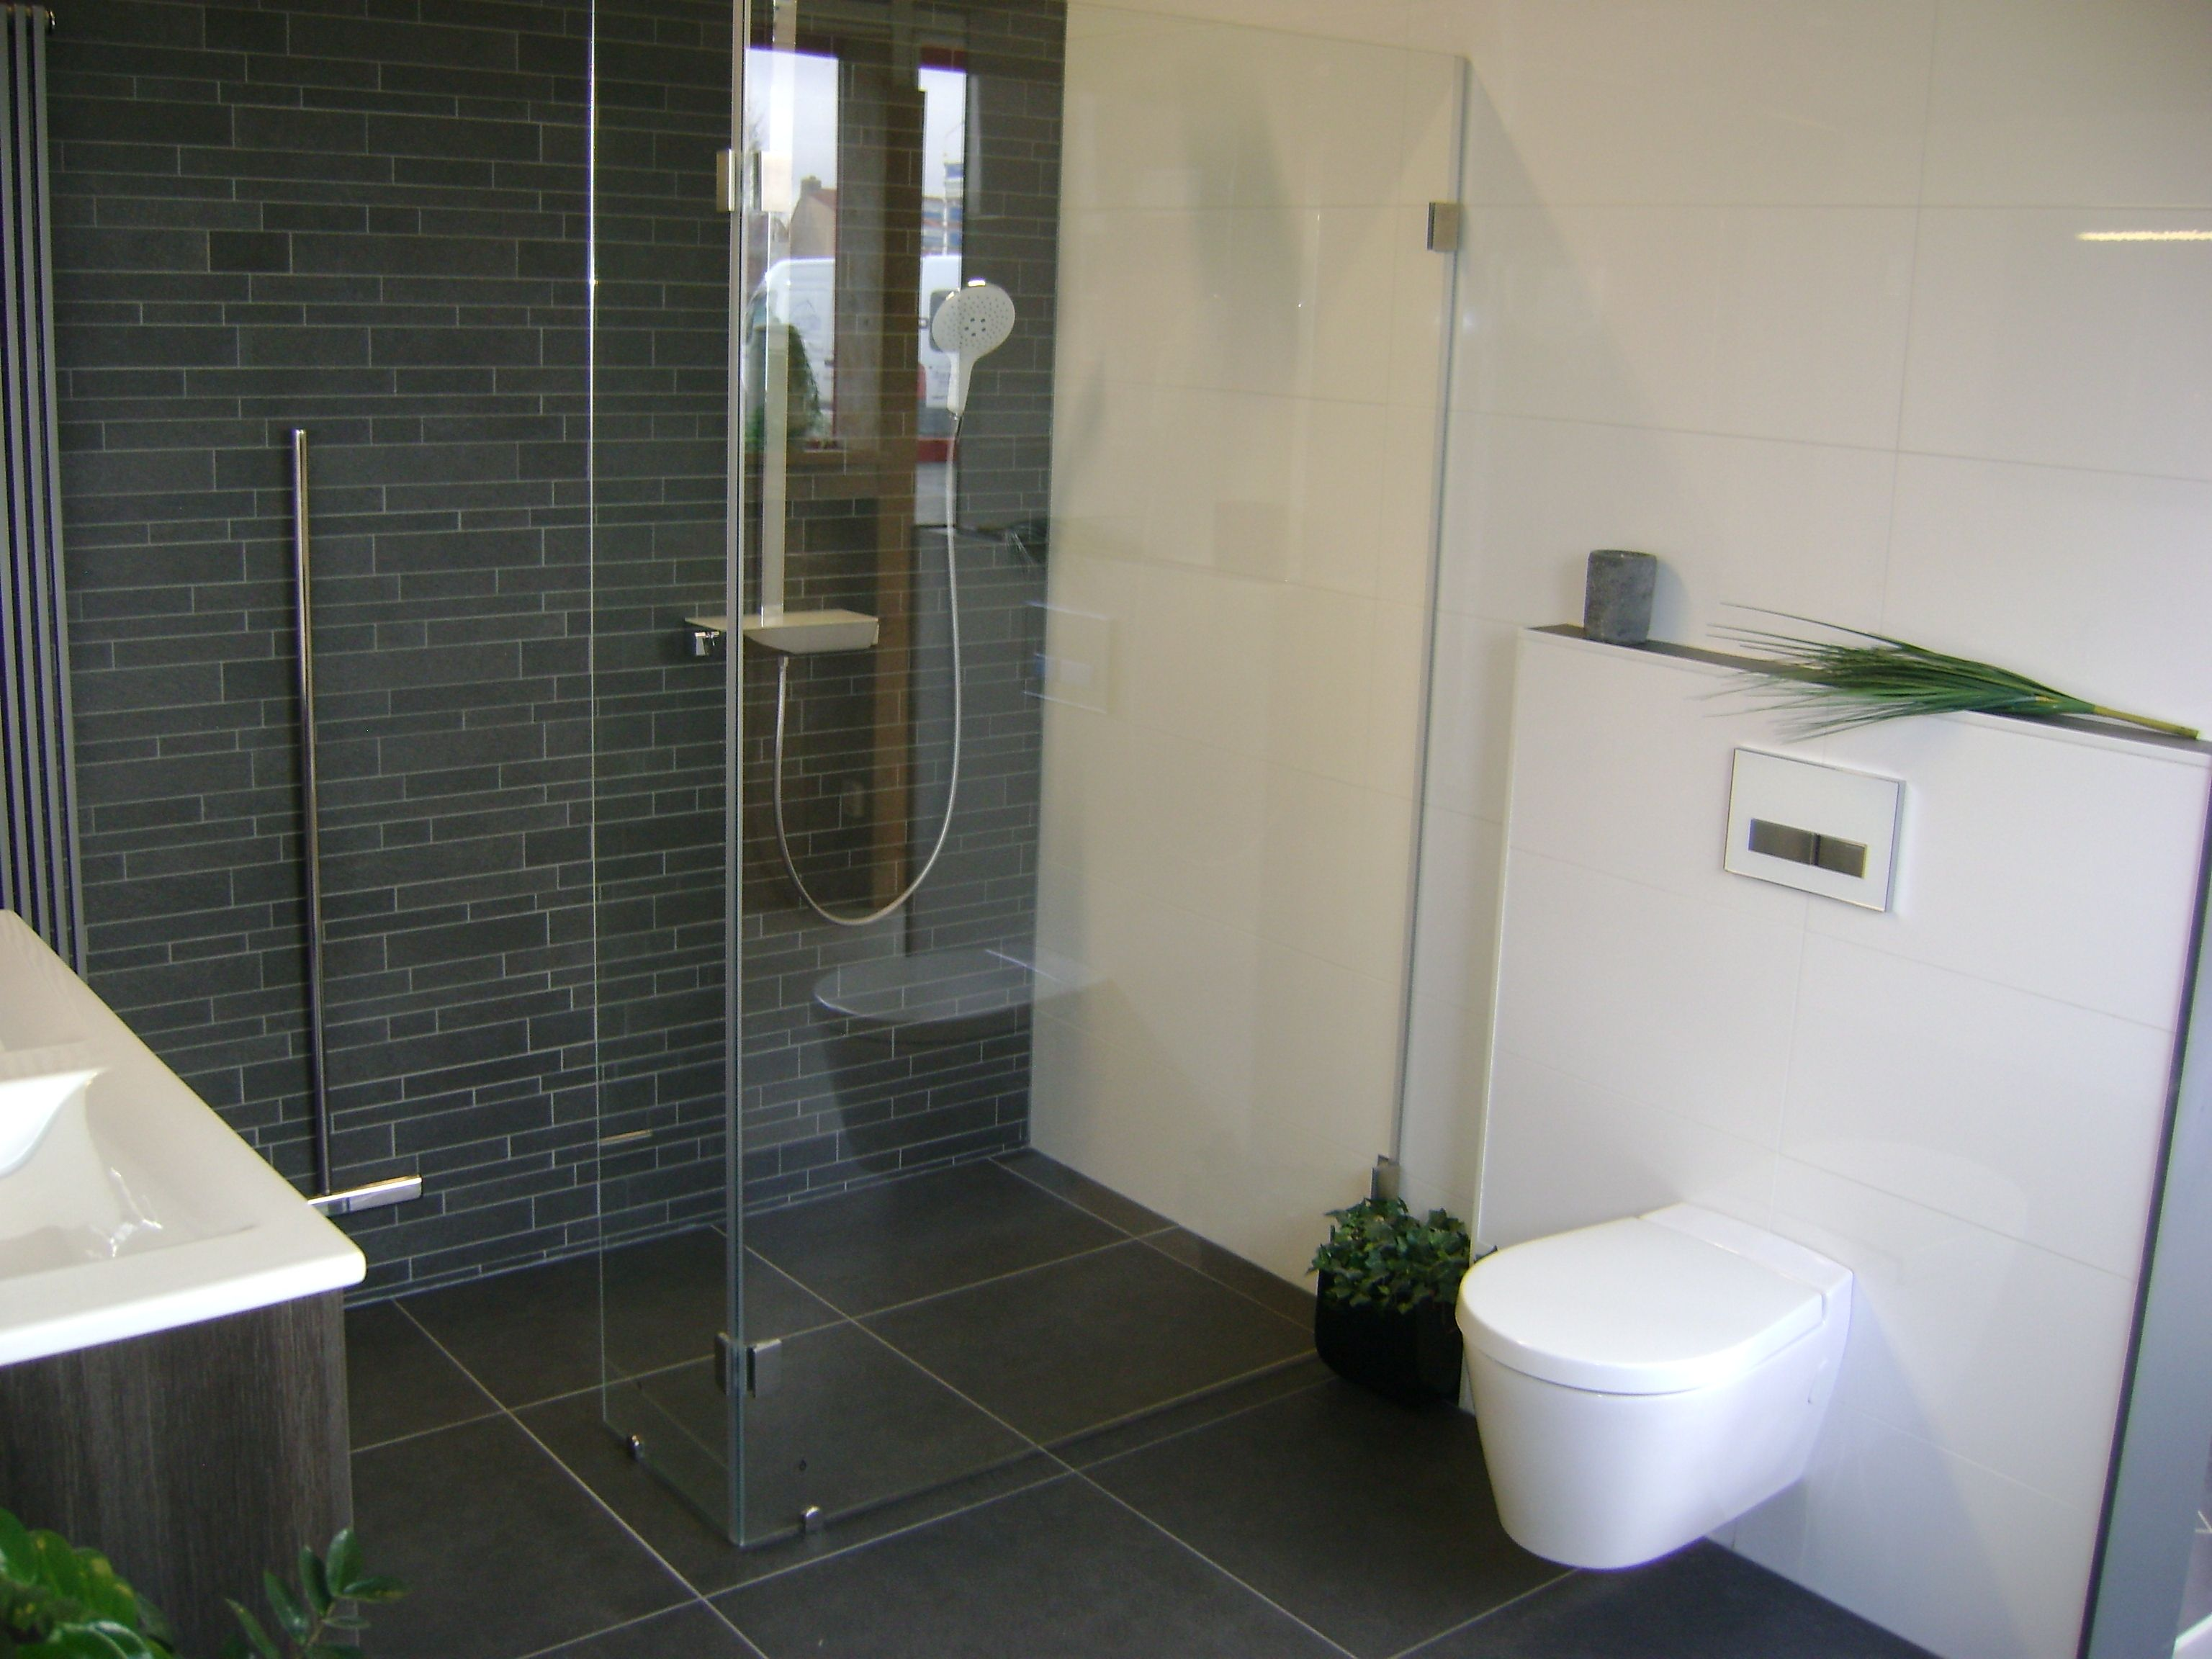 badkamer heerenveen | interieur ideeën | kitchen | Pinterest